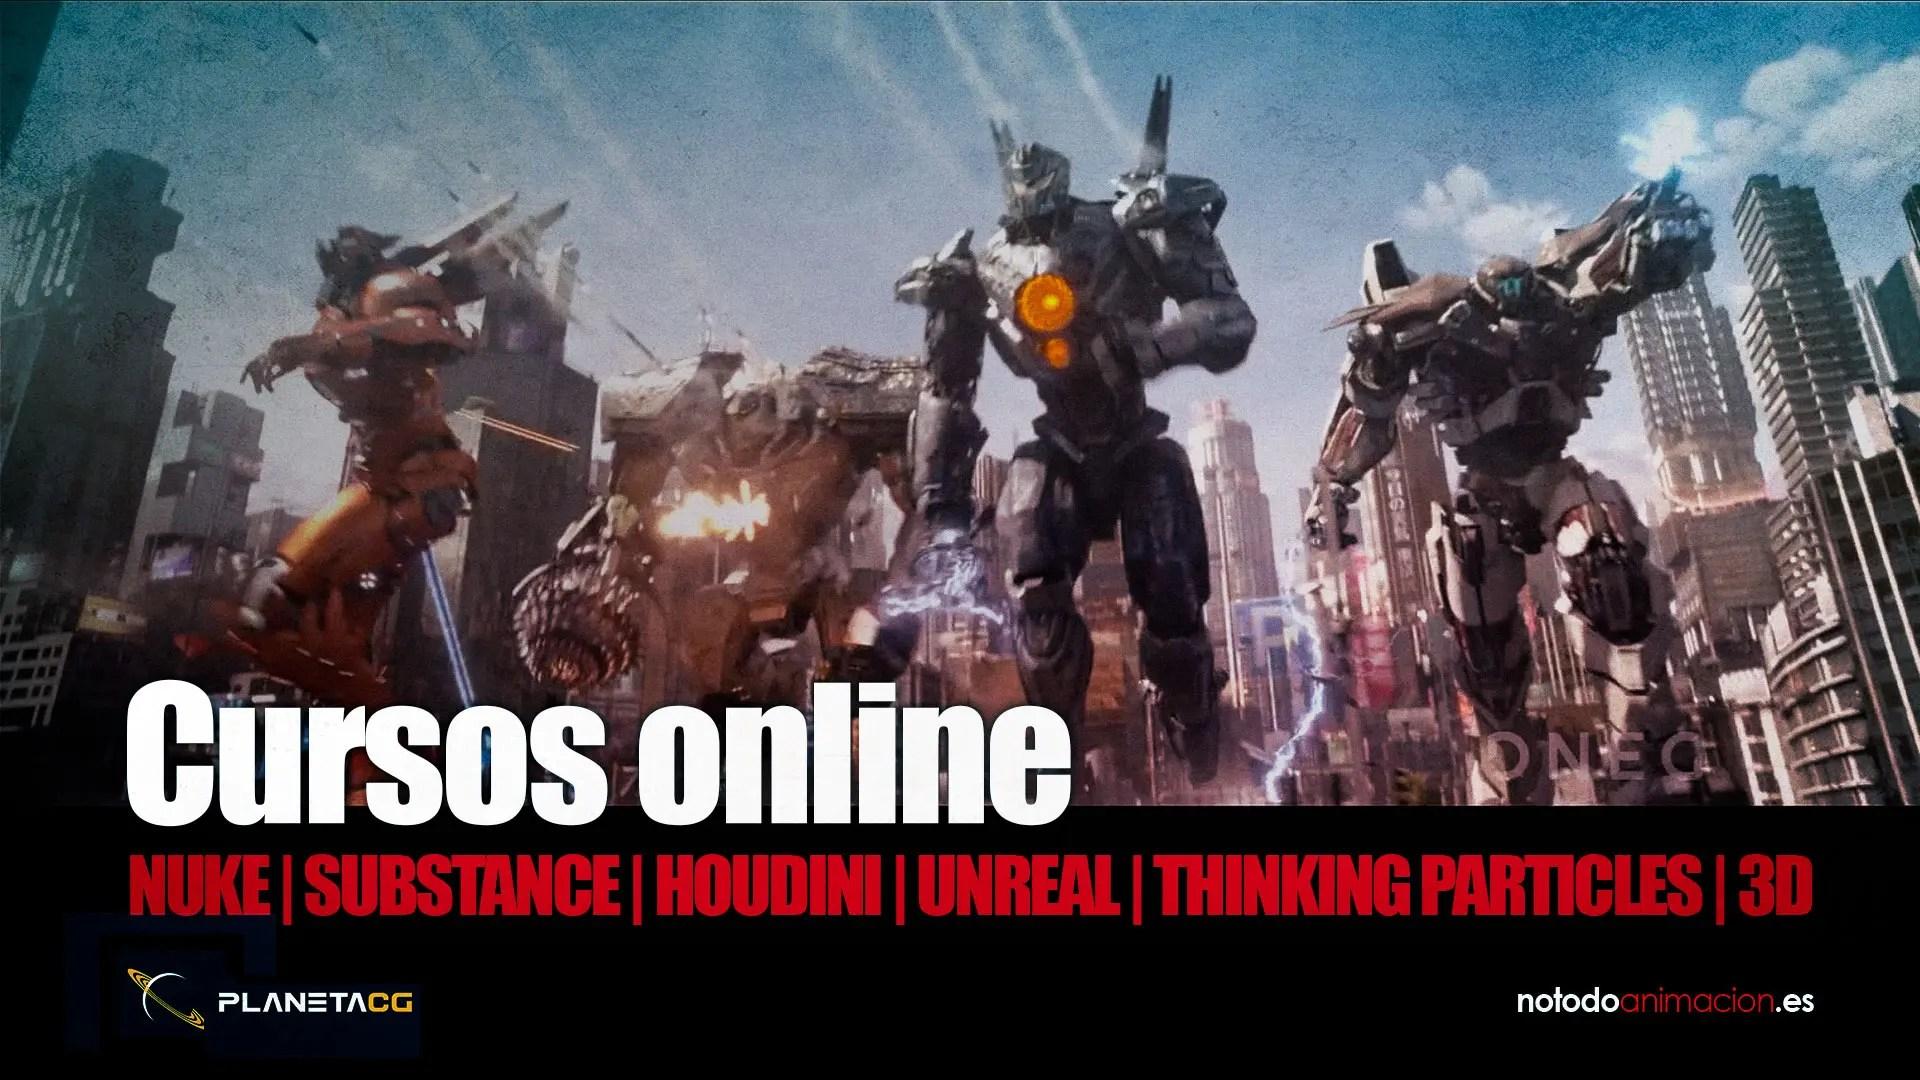 Cursos online 3d